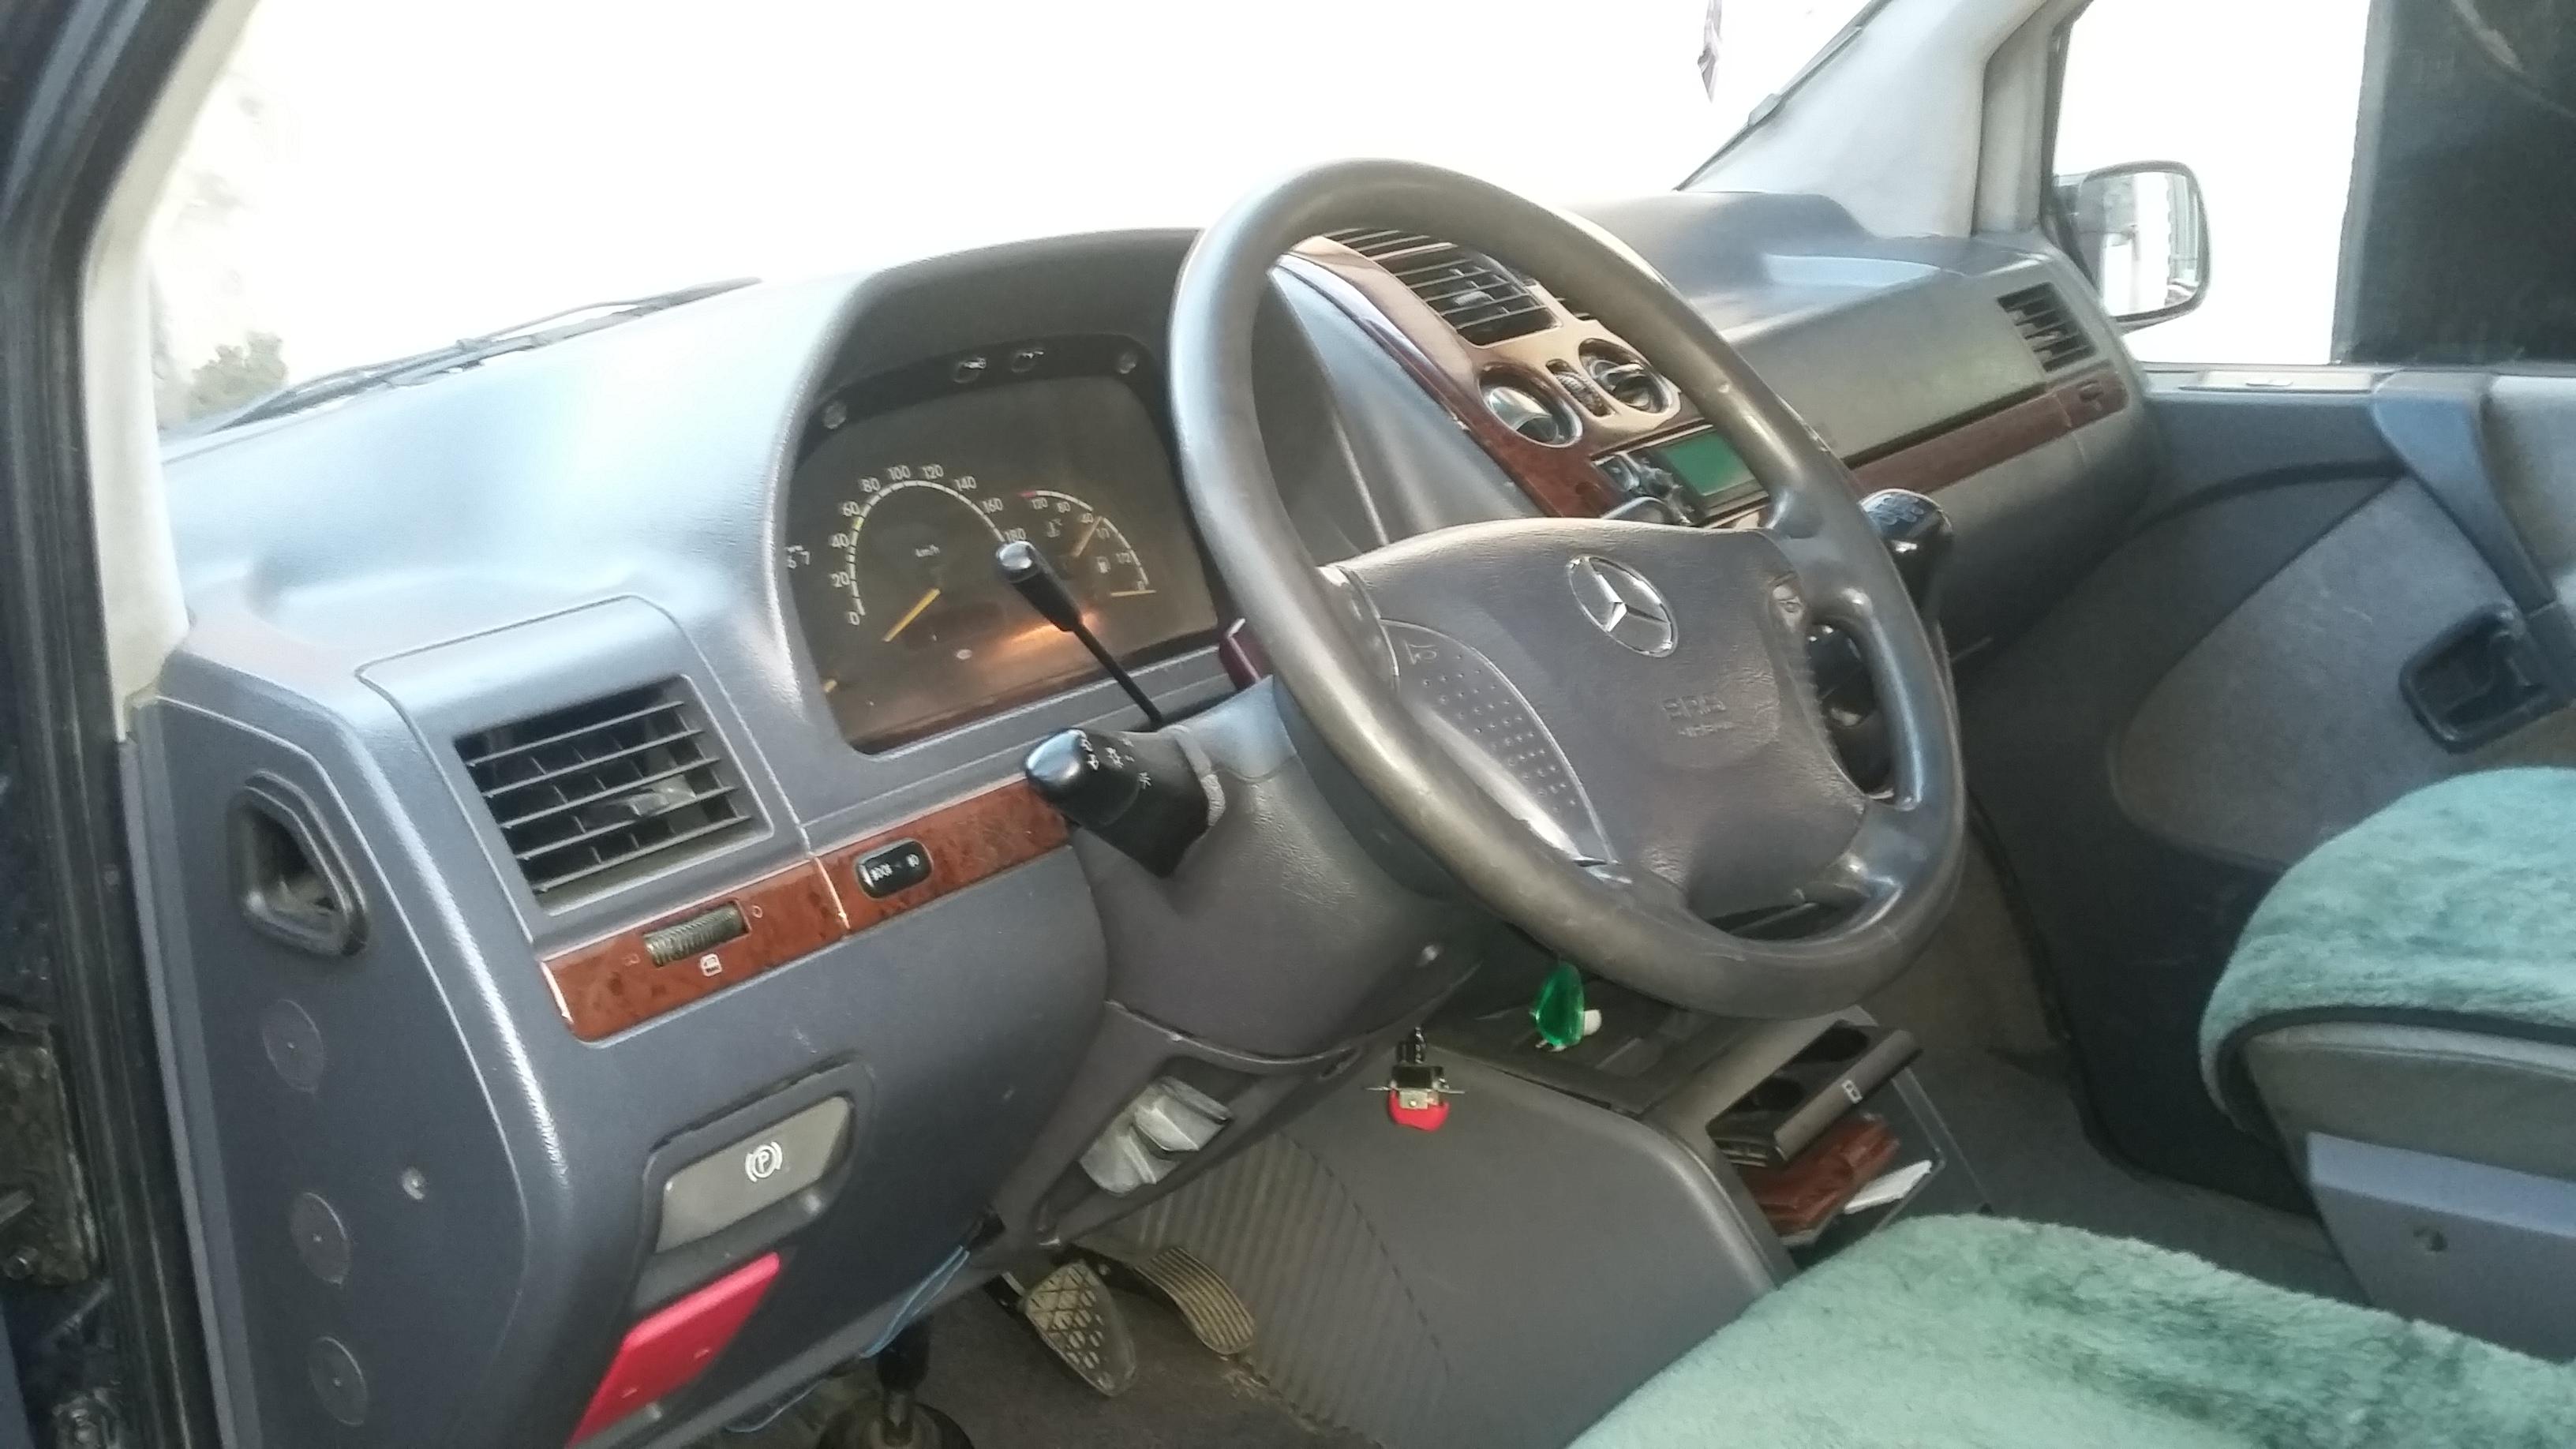 Mercedes-Benz Vito 2.2(lt) 2000 Подержанный  $15000